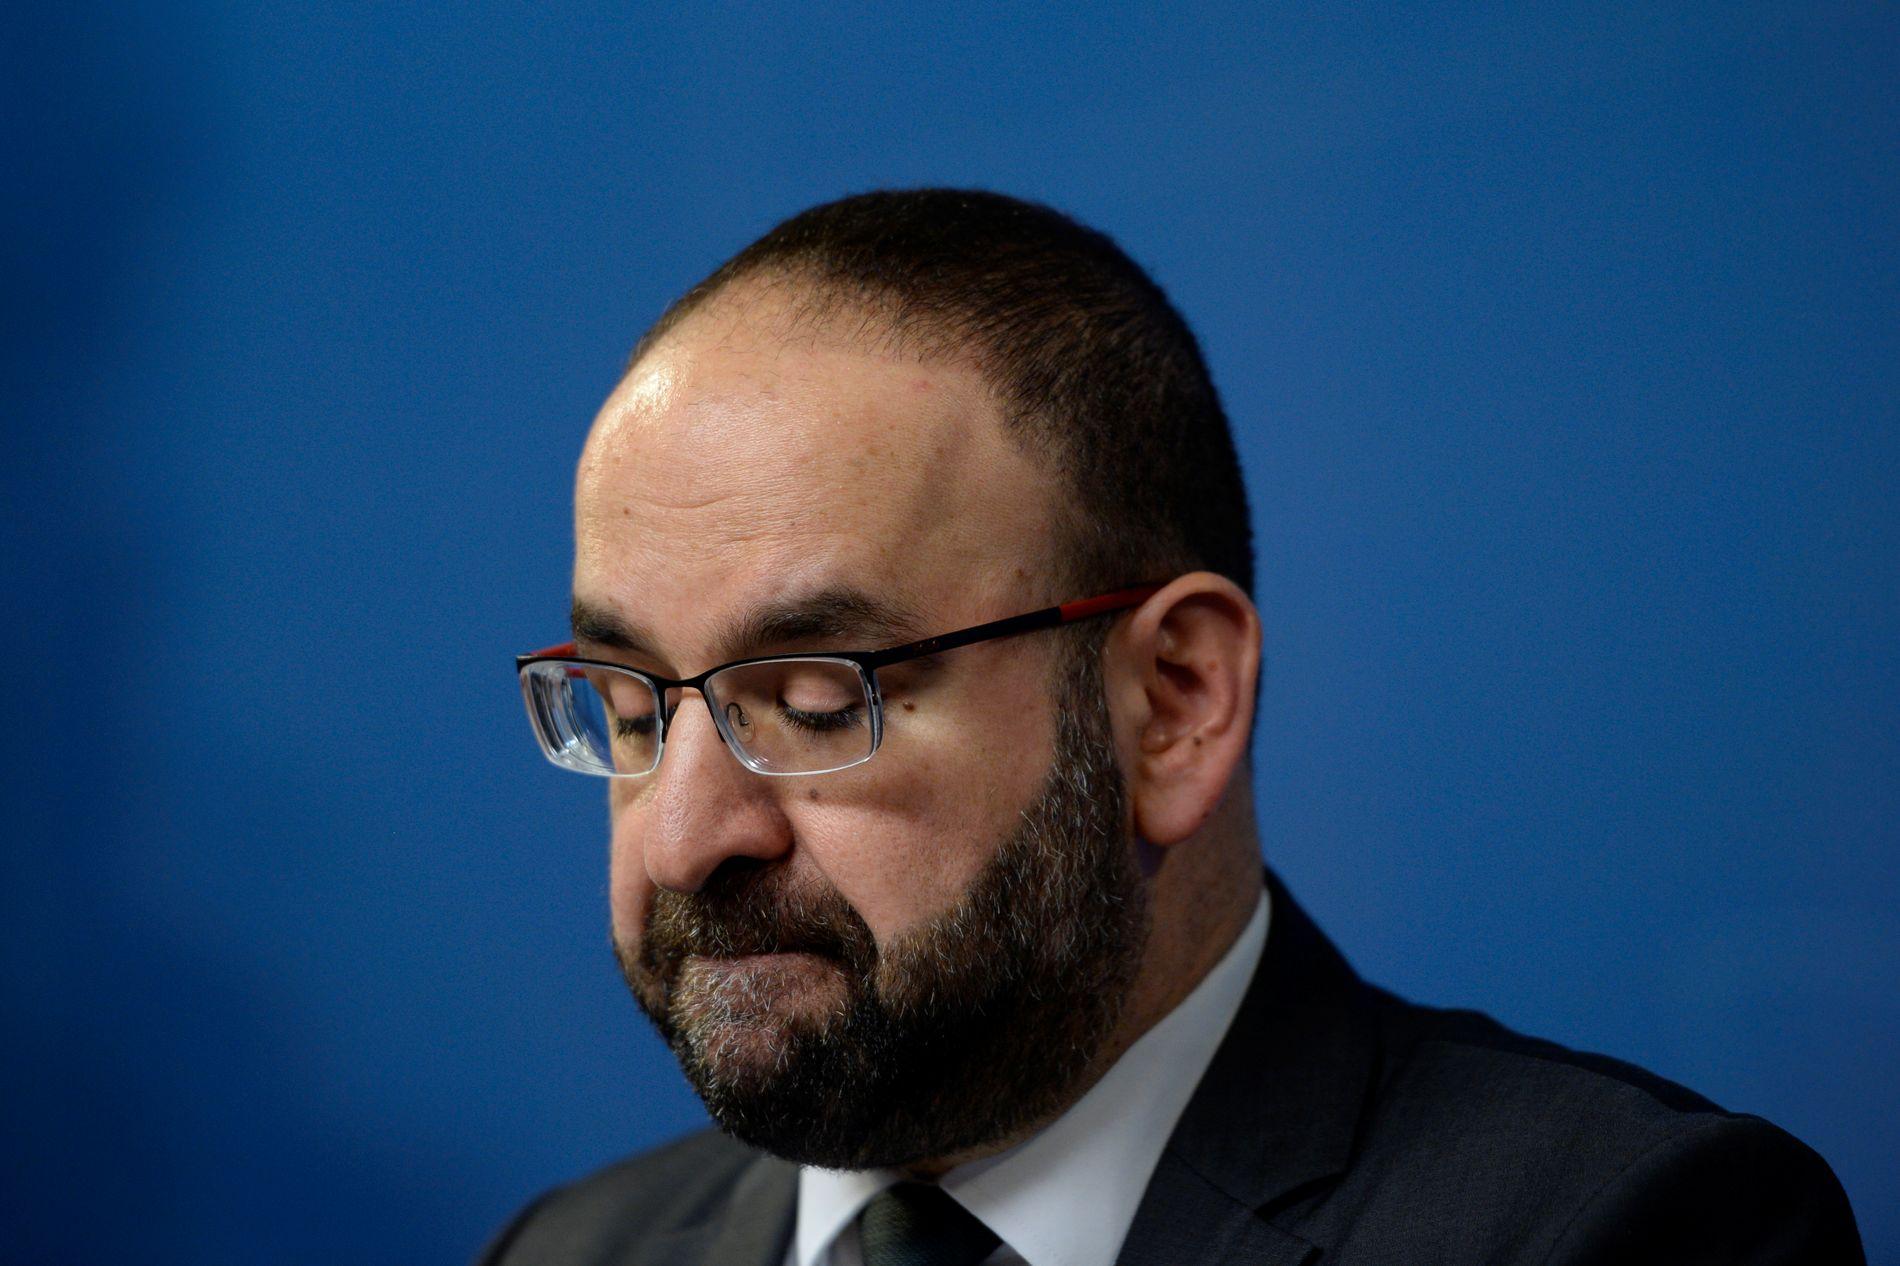 TRAKK SEG: Den skandaleomsuste boligministeren fra Miljöpartiet, Mehmet Kaplan, trakk seg denne uken i lys av skandalene rundt hans person.